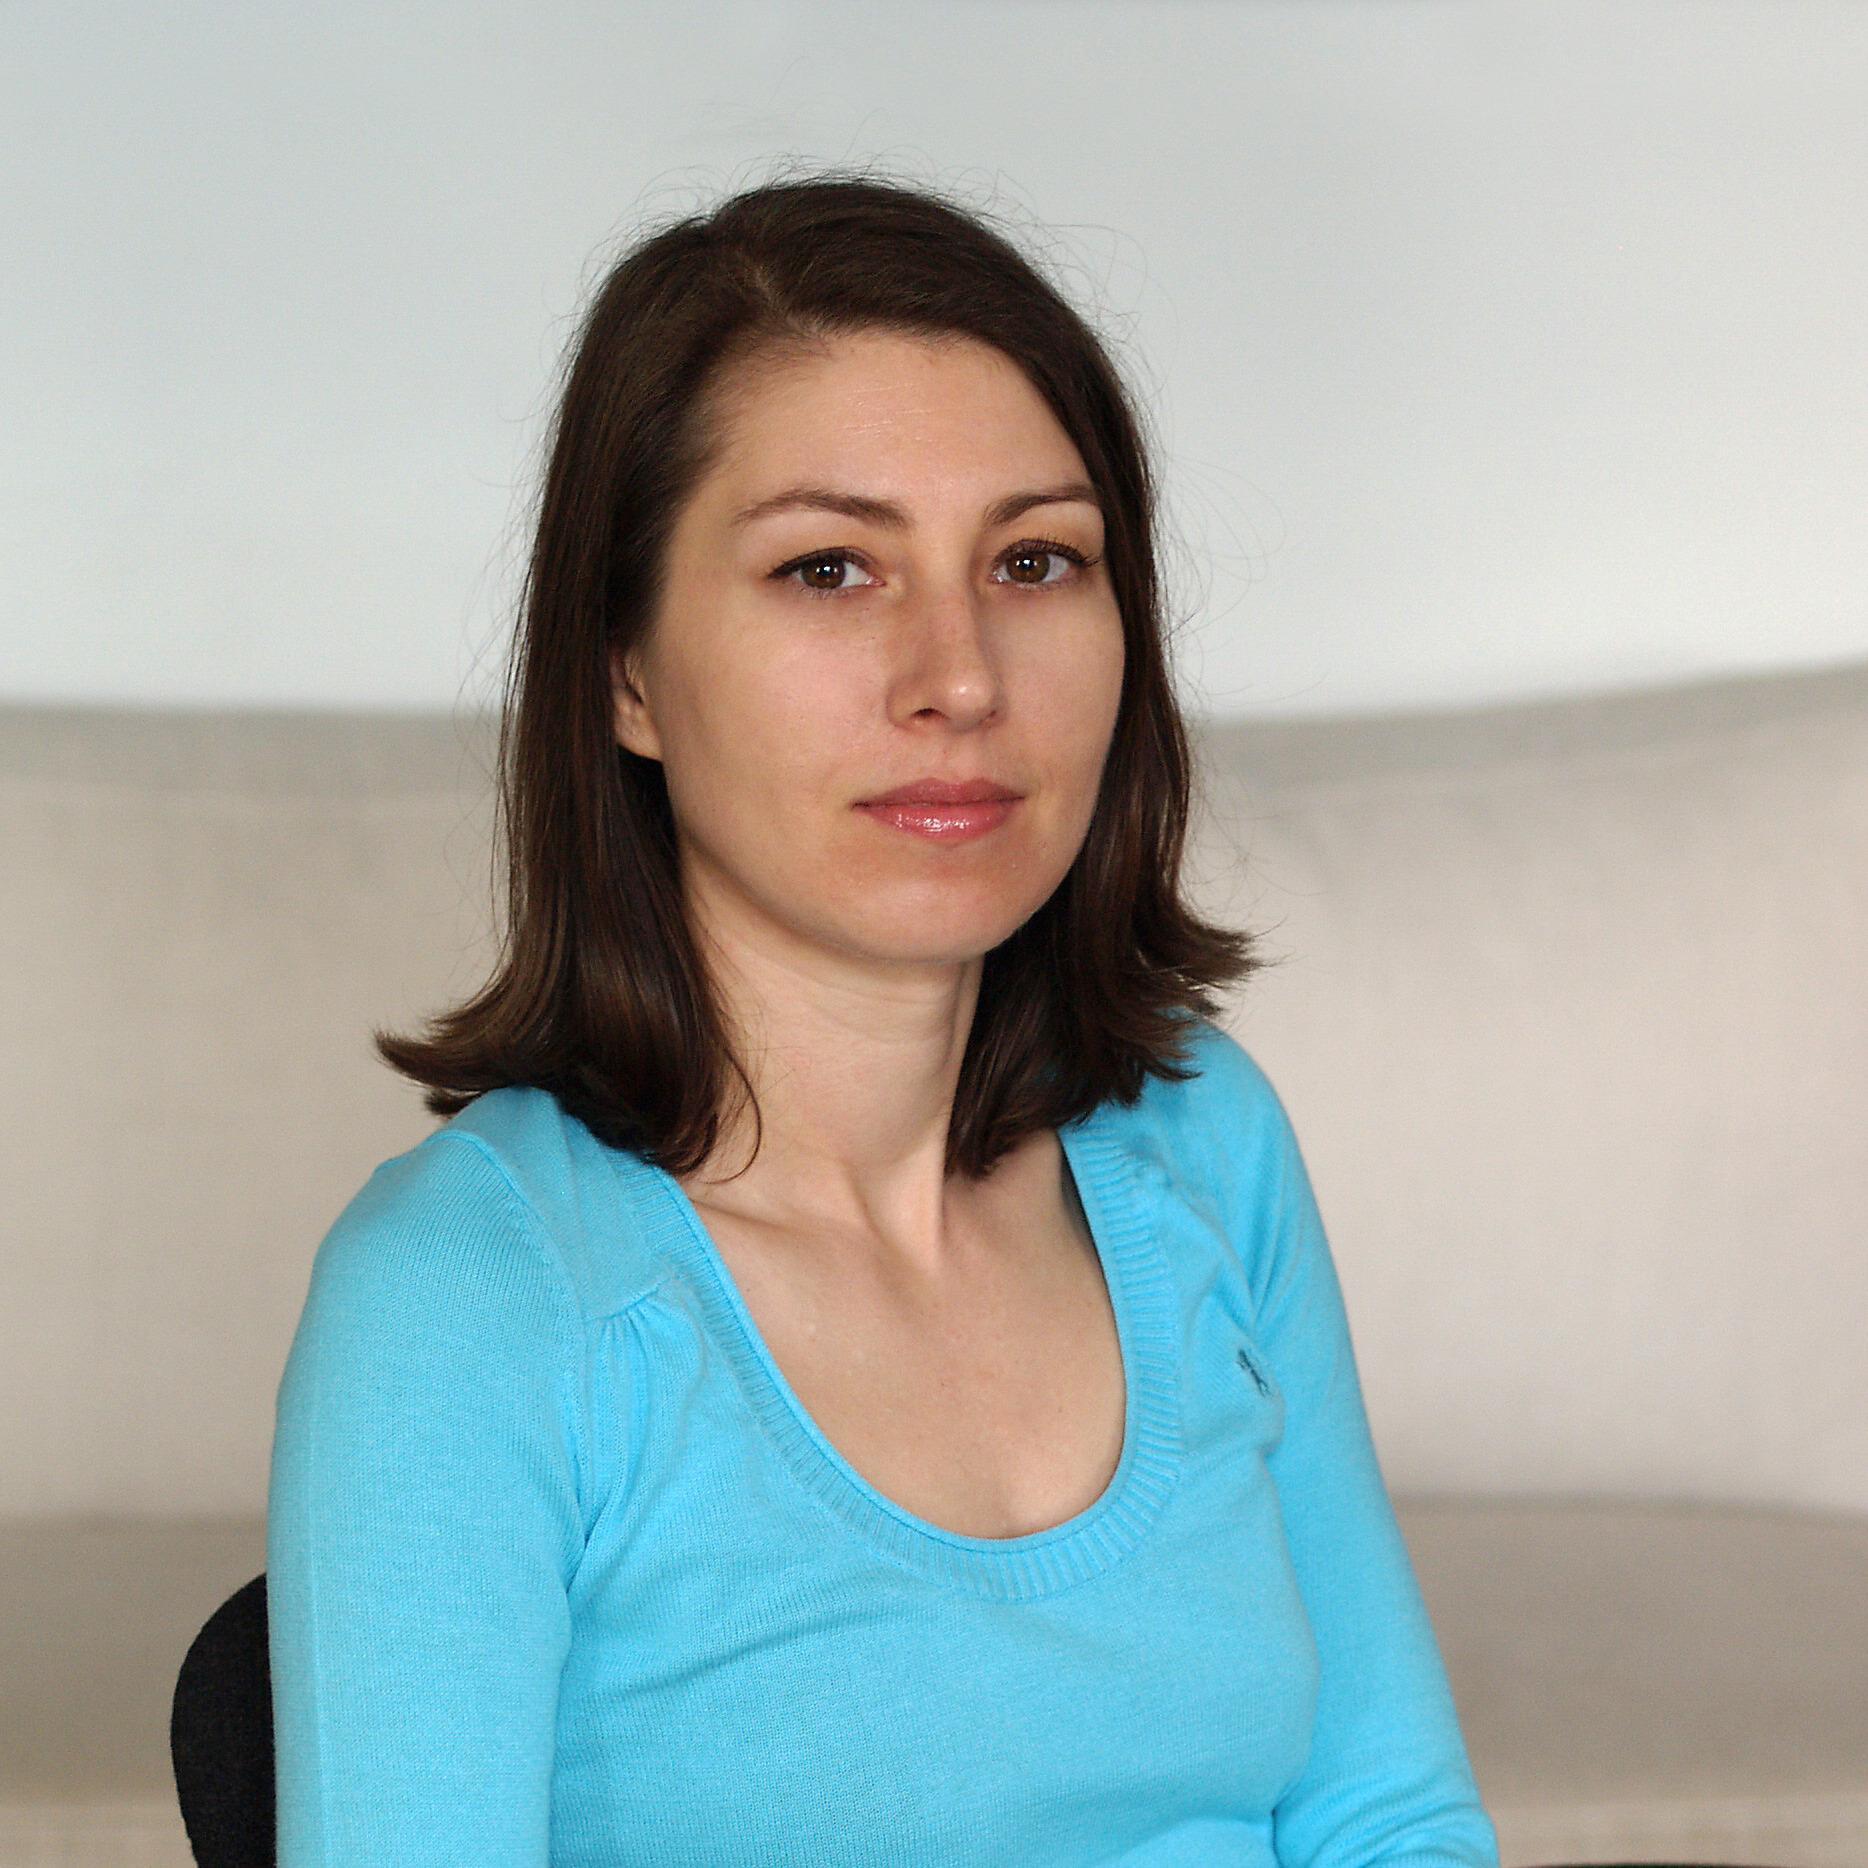 Mag. Dr. Alexandra Kreuz - Klinische- und Gesundheitspsychologin